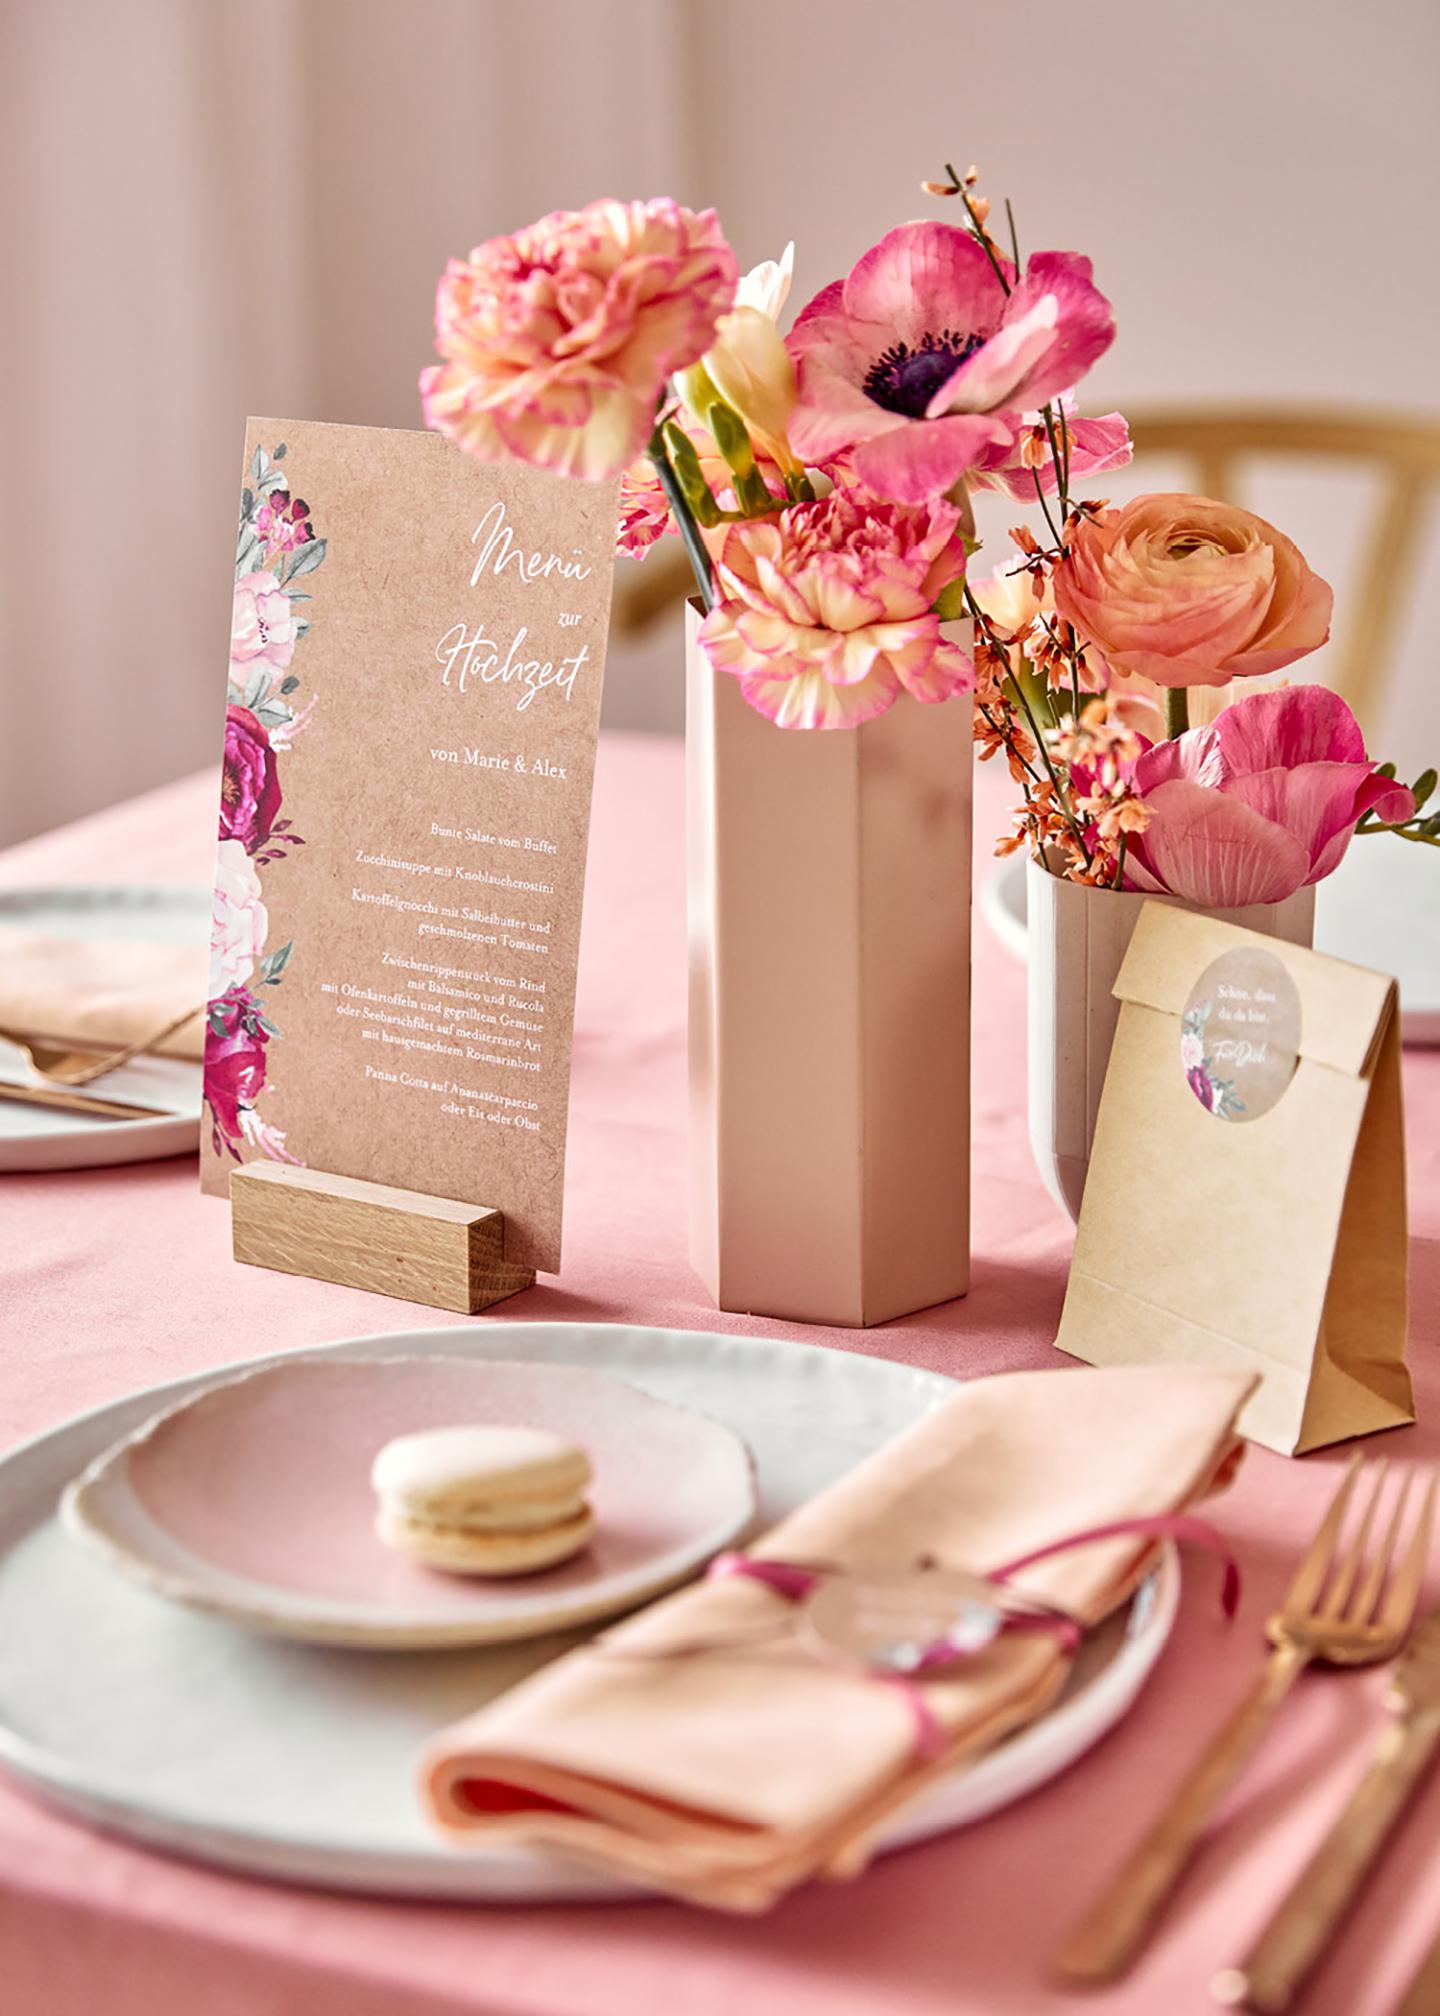 Tischpapeterie liebevoll dekoriert in soften und leuchtenden Pinktönen. Die Blumen auf dem Tisch passen farblich zur Tischdeko und ein Maccaron schmückt den gedeckten Teller.